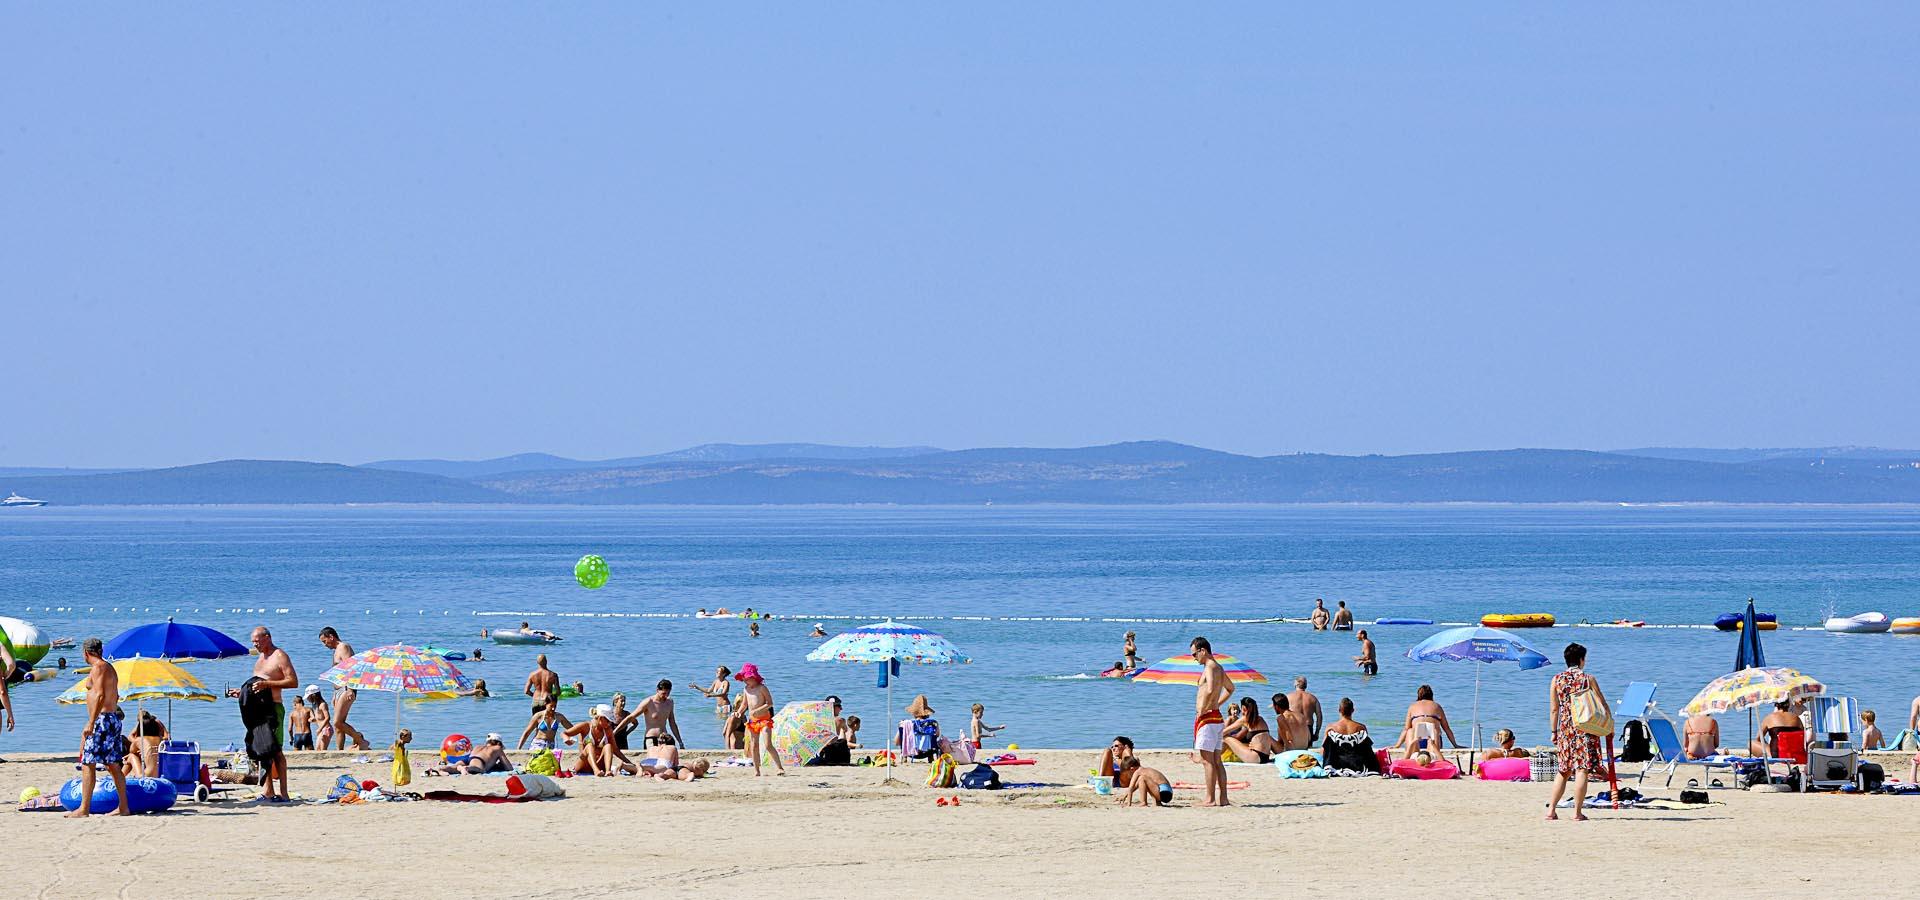 Beach Zaton Holiday Resort Dalmatia Croatia